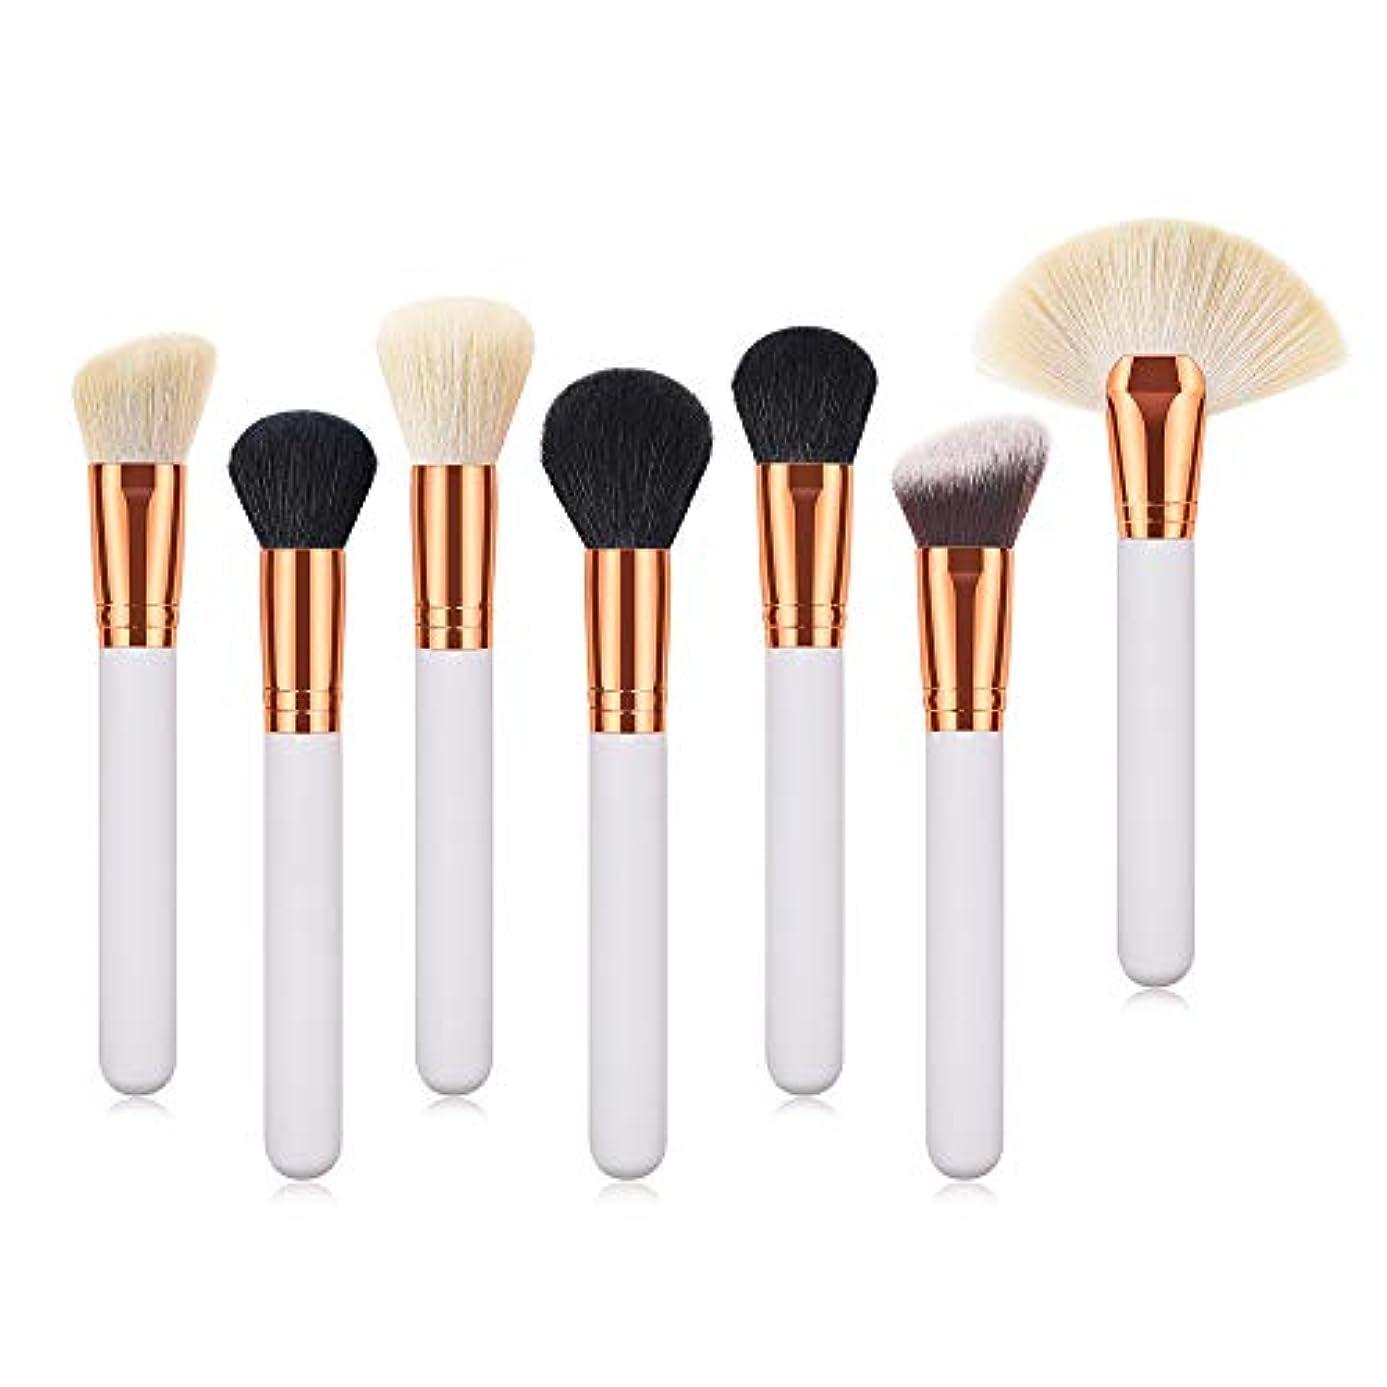 強化壮大なキウイAkane 7本 GUJHUI PVC プロ 優雅 木製 綺麗 上等 高級 魅力的 美感 多機能 柔らかい おしゃれ たっぷり 激安 日常 仕事 Makeup Brush メイクアップブラシ T-07-056